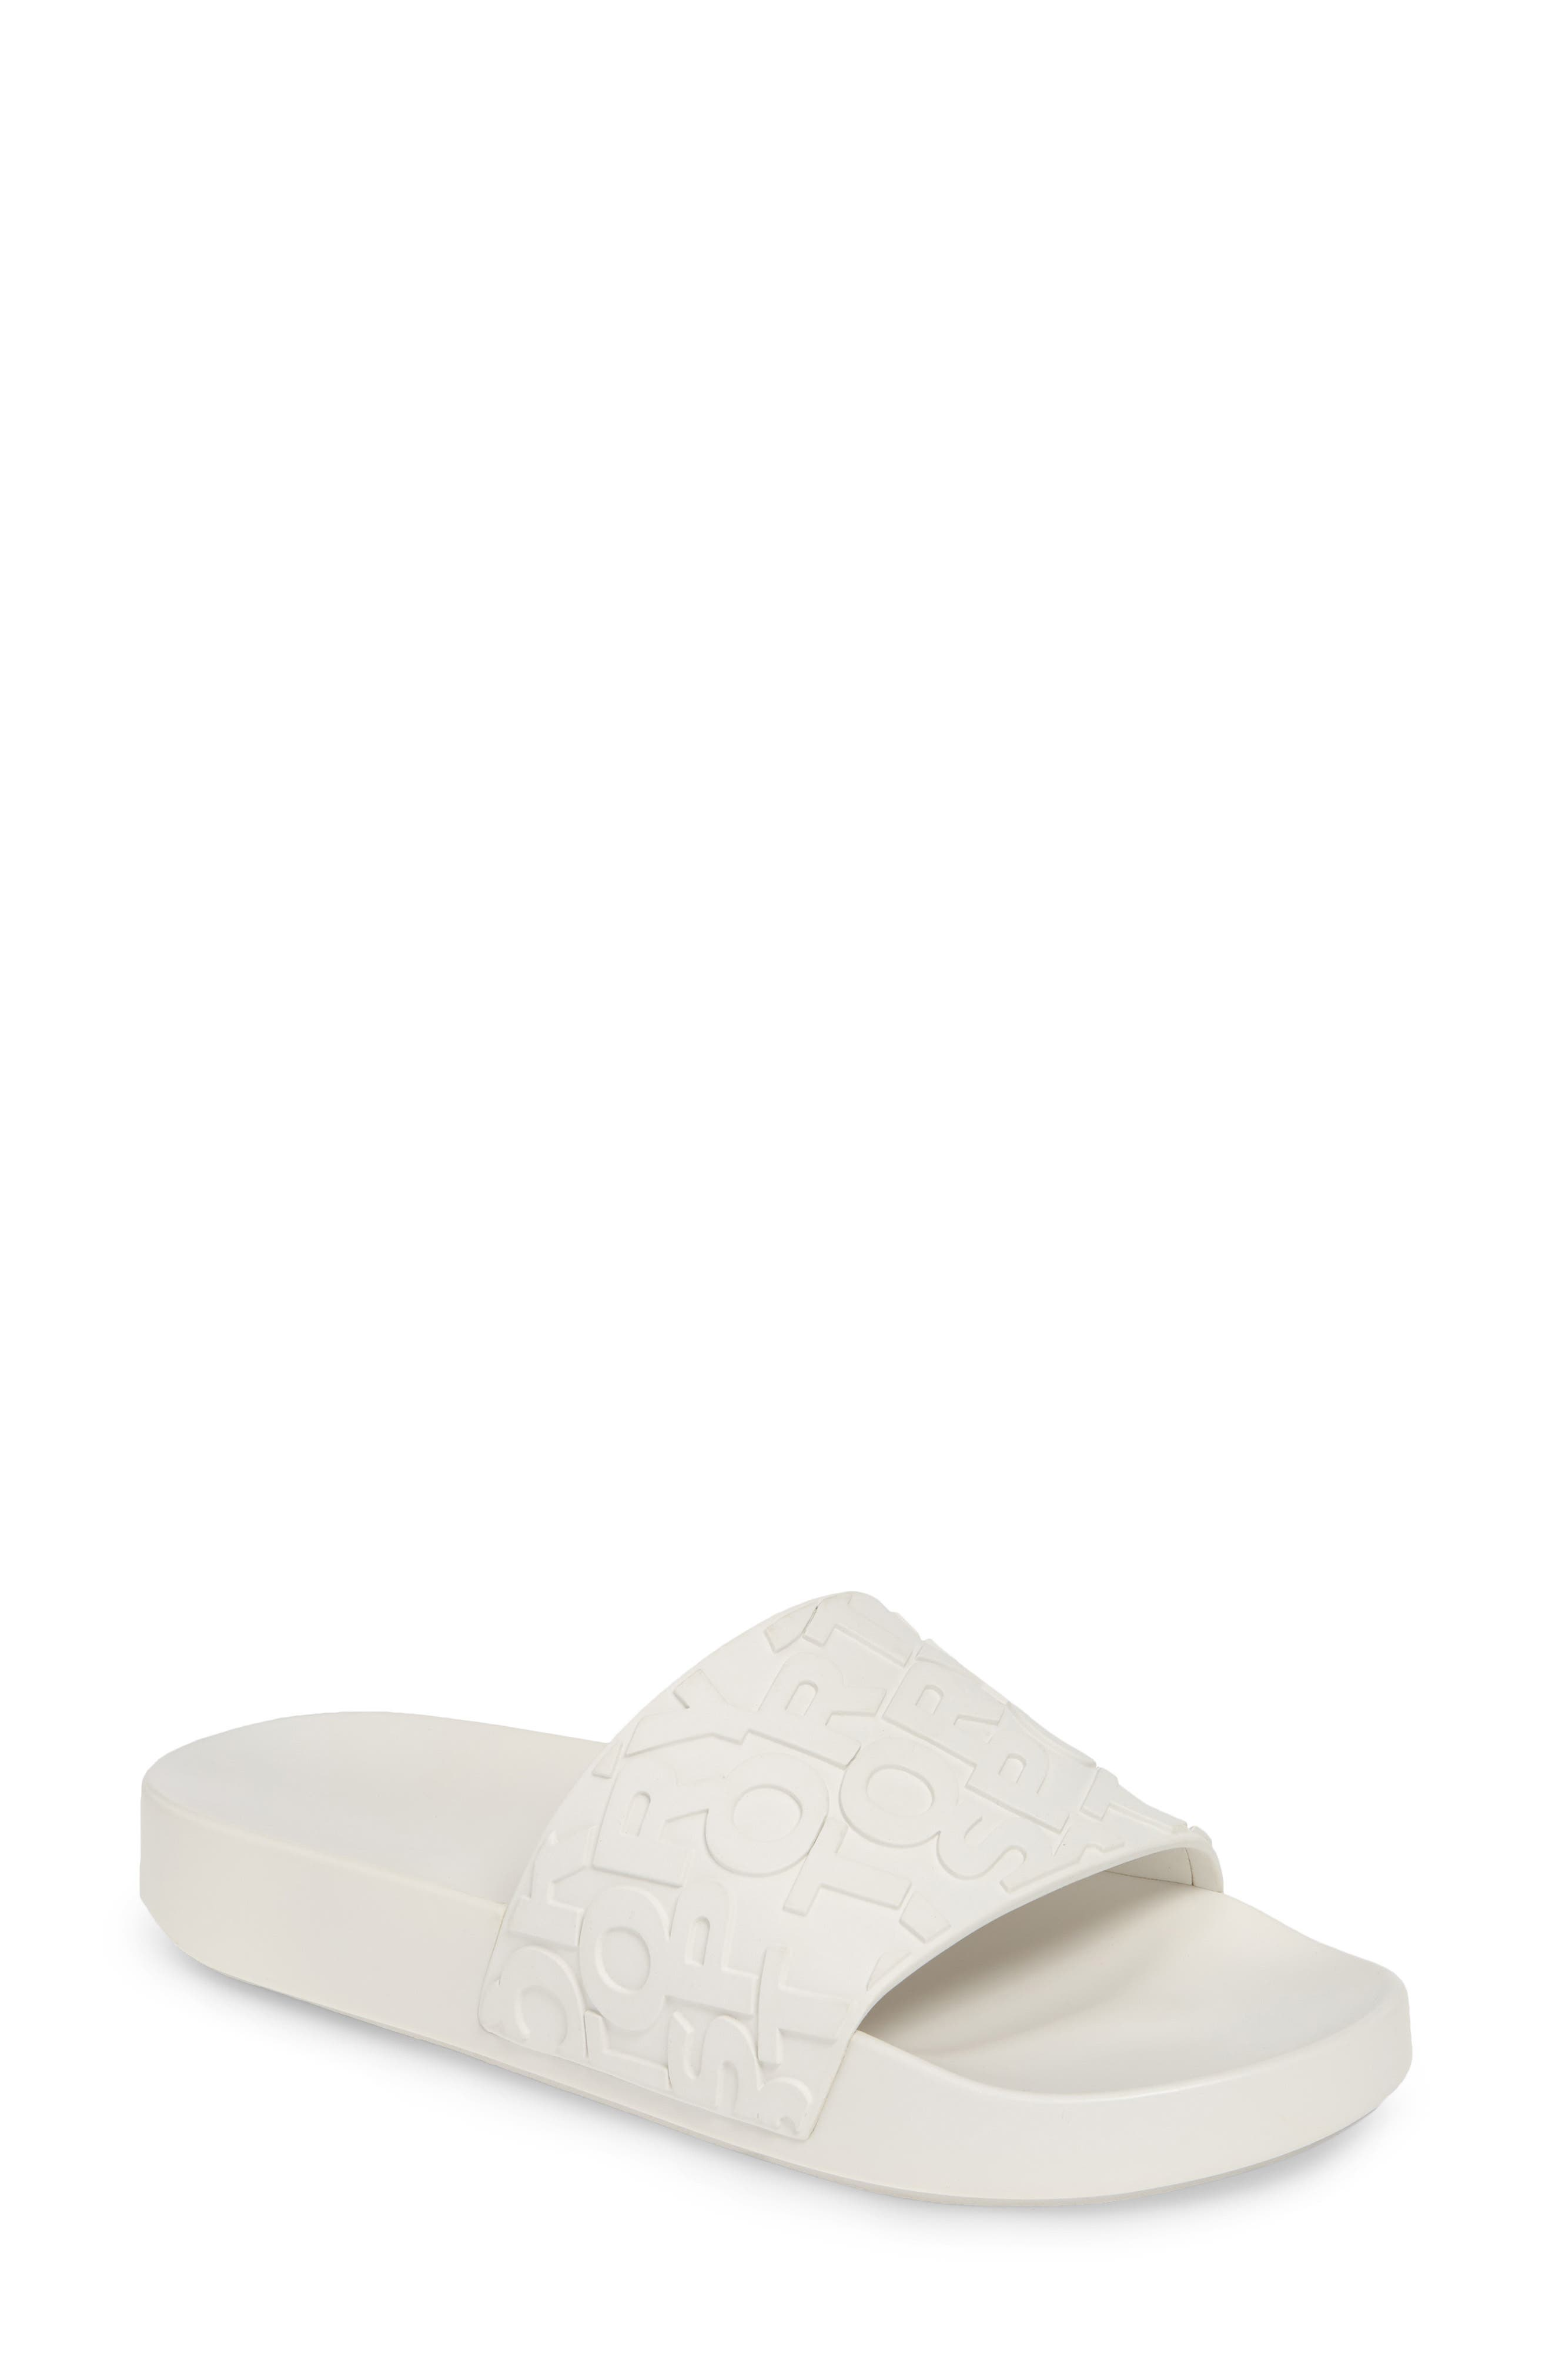 ,                             Tory Burch Embossed Logo Slide Sandal,                             Main thumbnail 1, color,                             OFF WHITE